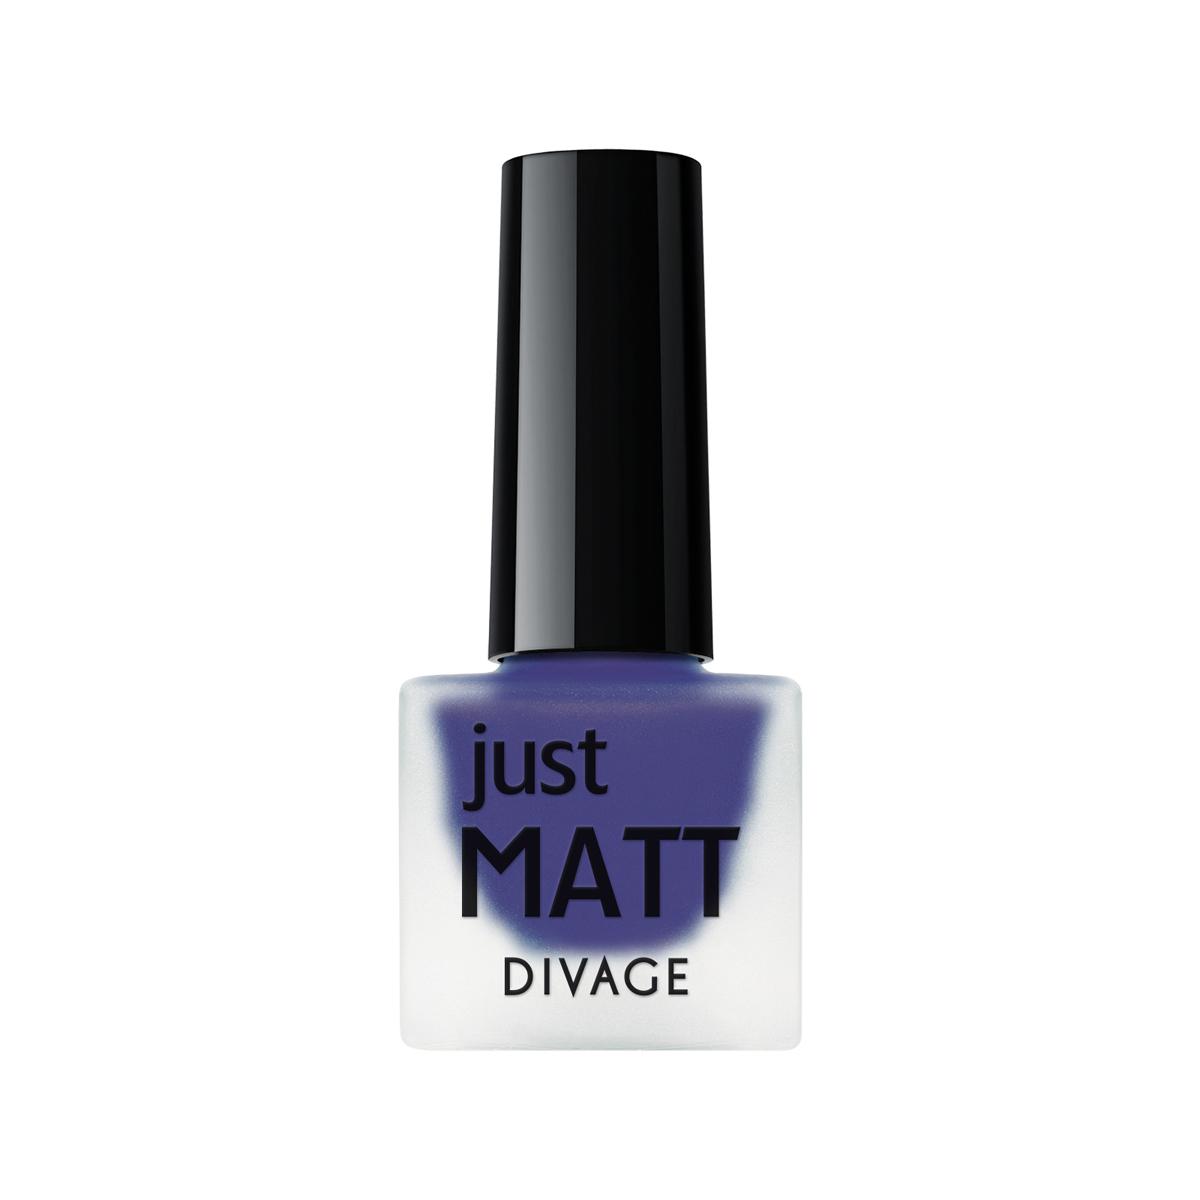 DIVAGE Лак для ногтей JUST MATT, тон № 5603, 7 мл215526Лак для ногтей Divage Just Matt с матовым эффектом имеет легкую бархатистую текстуру (Soft Touch) и удобный мини формат упаковки. Наносится идеально ровно, визуально сглаживая неровности ногтевой пластины. Характеристики: Объем: 7 мл. Тон: №5603. Товар сертифицирован.